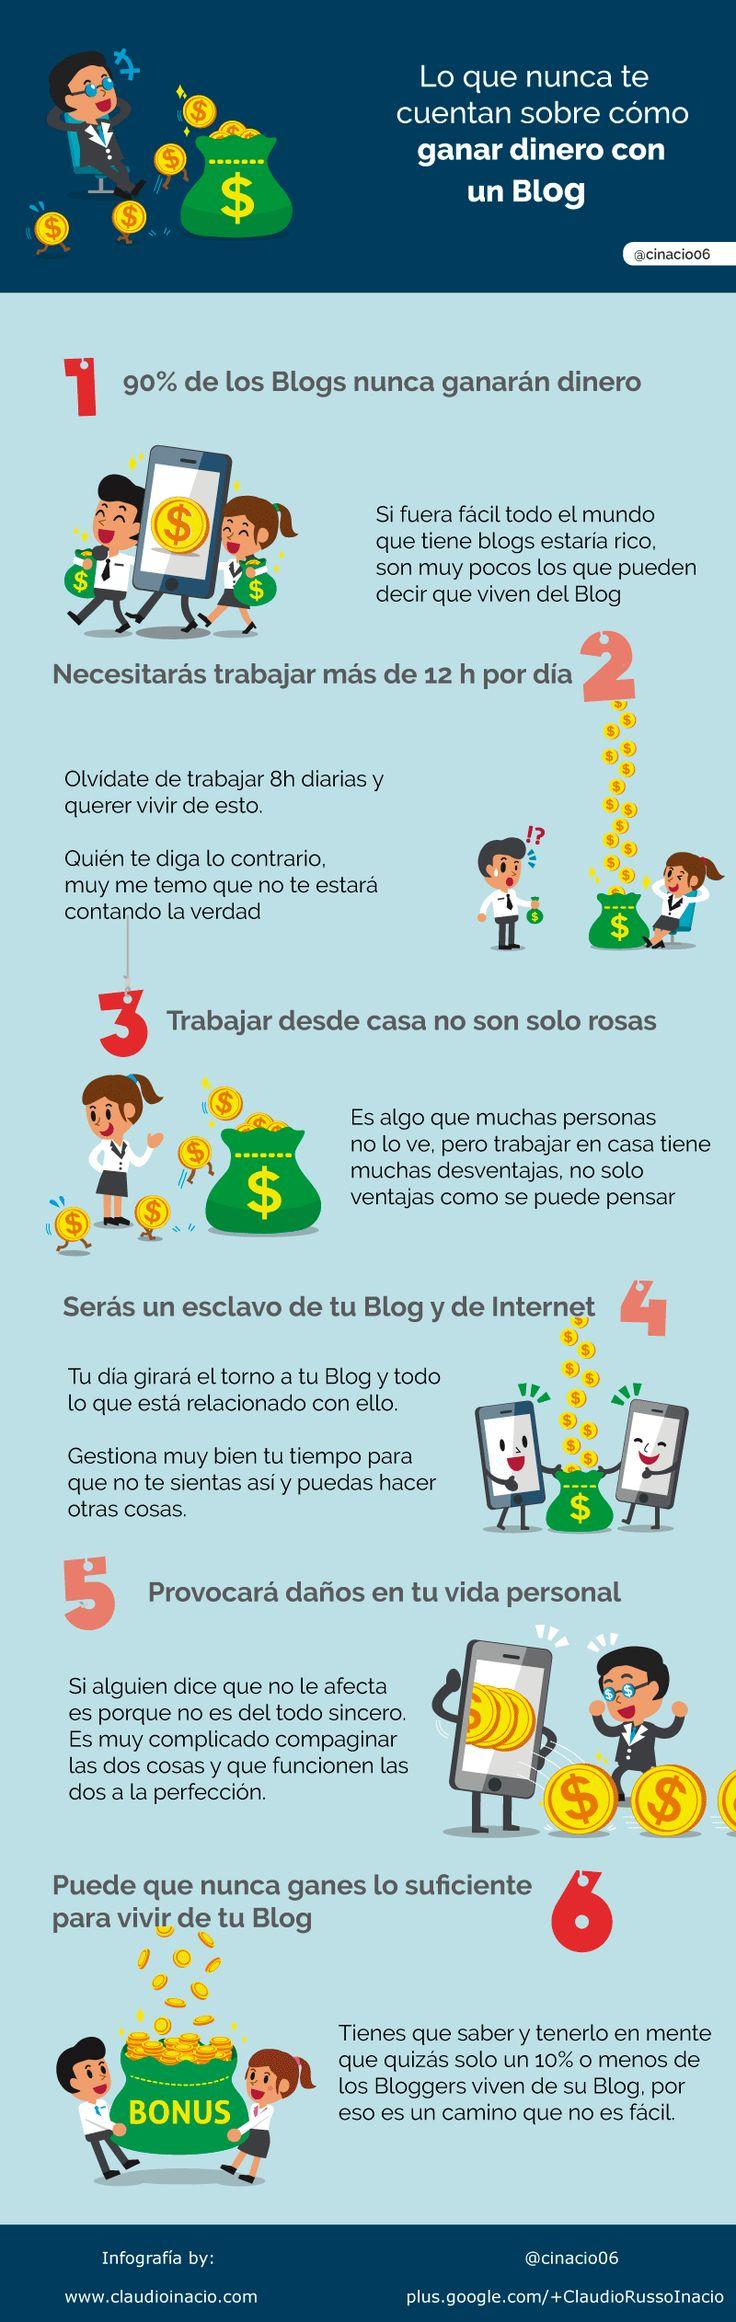 Ganar dinero con un blog  Aquí encontrarás #infografias de temática relacionada con #blogs, herramientas para #bloggers, etc.